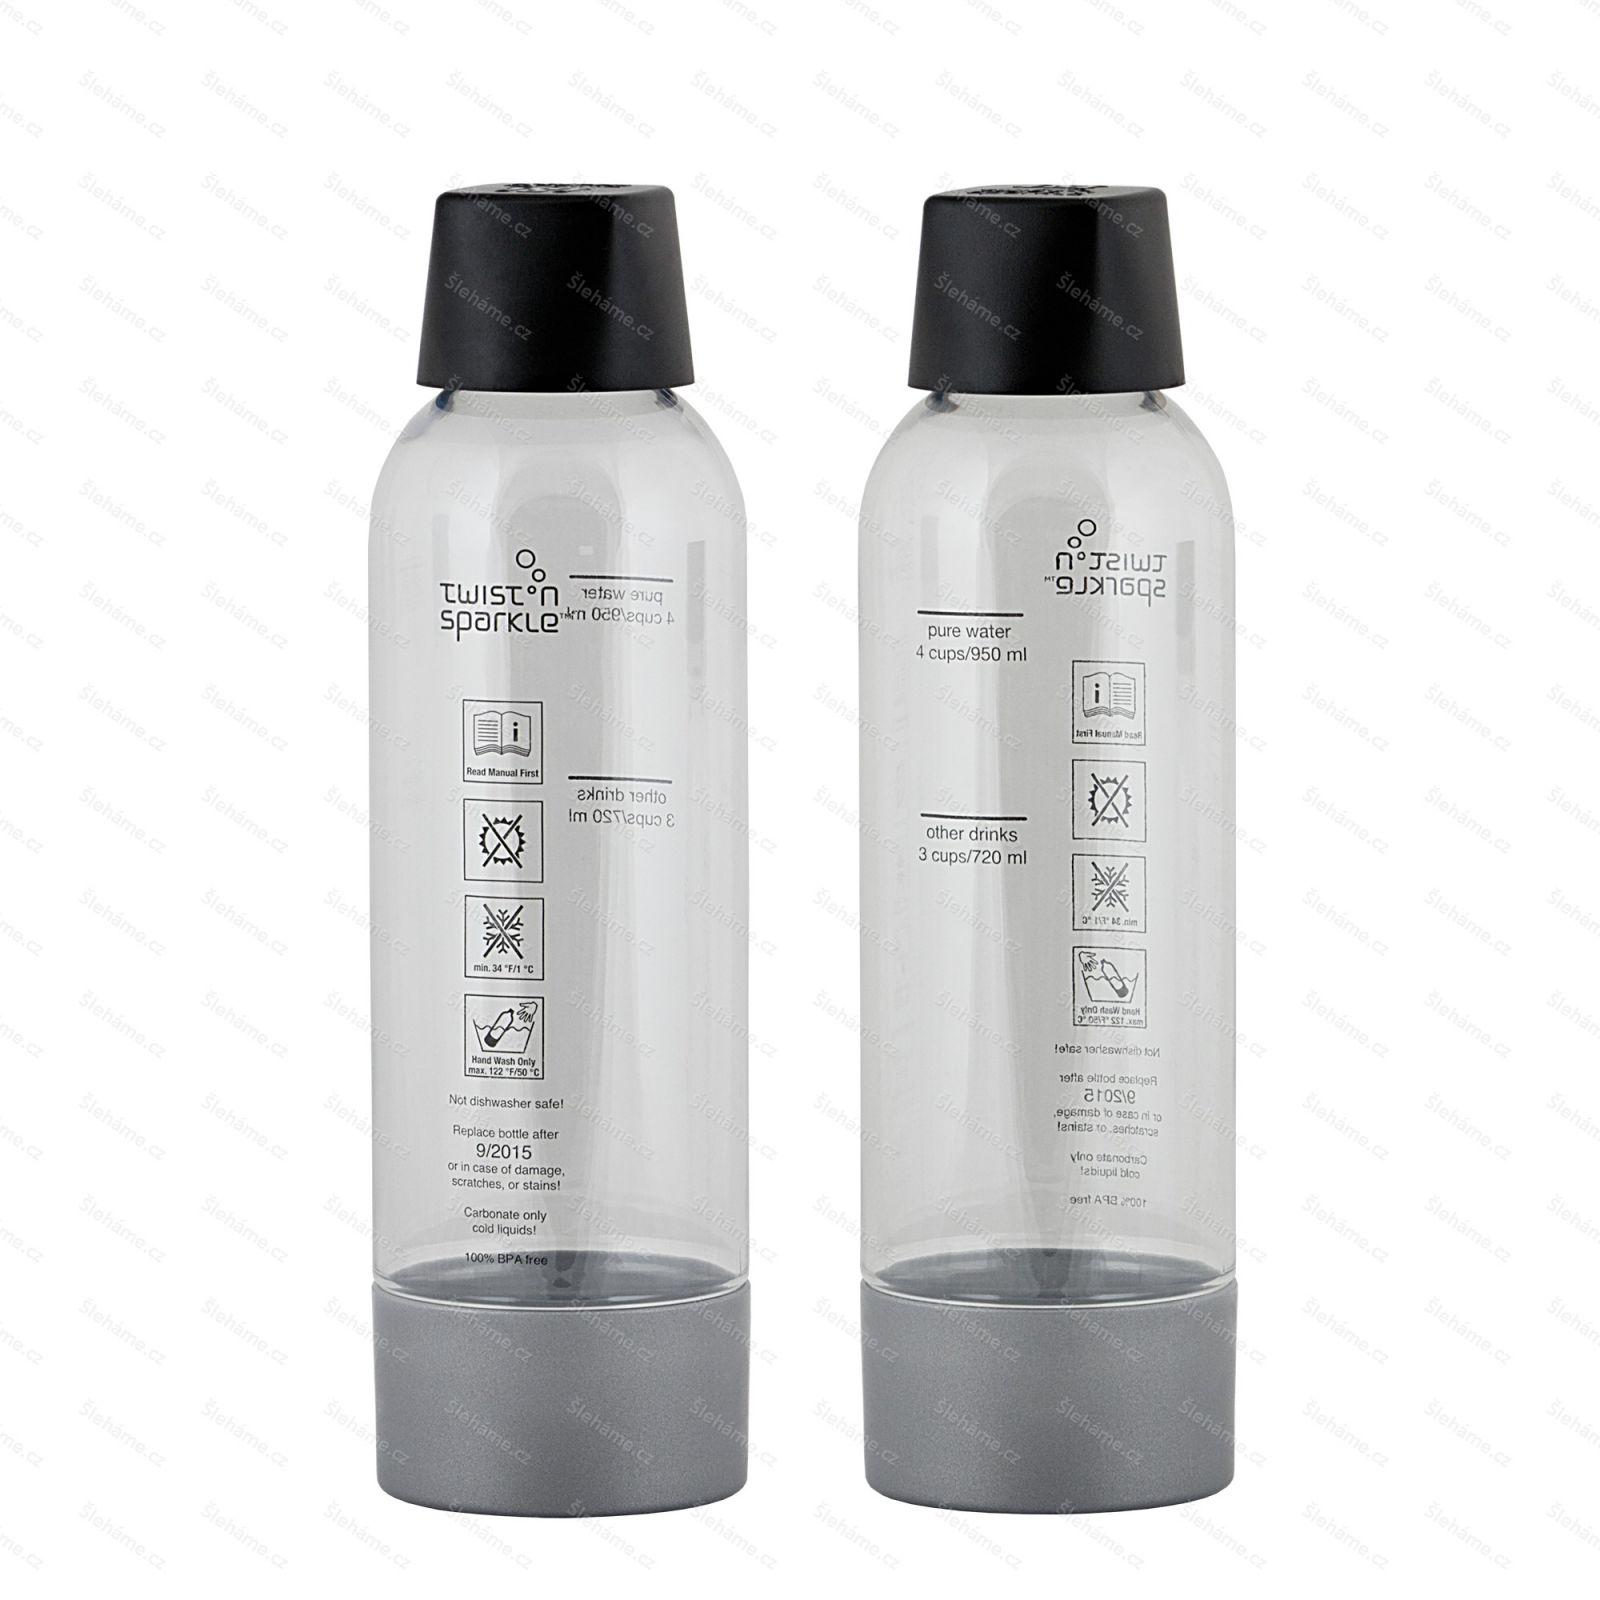 Náhradní láhve iSi TWIST & SPARKLE, 2 ks